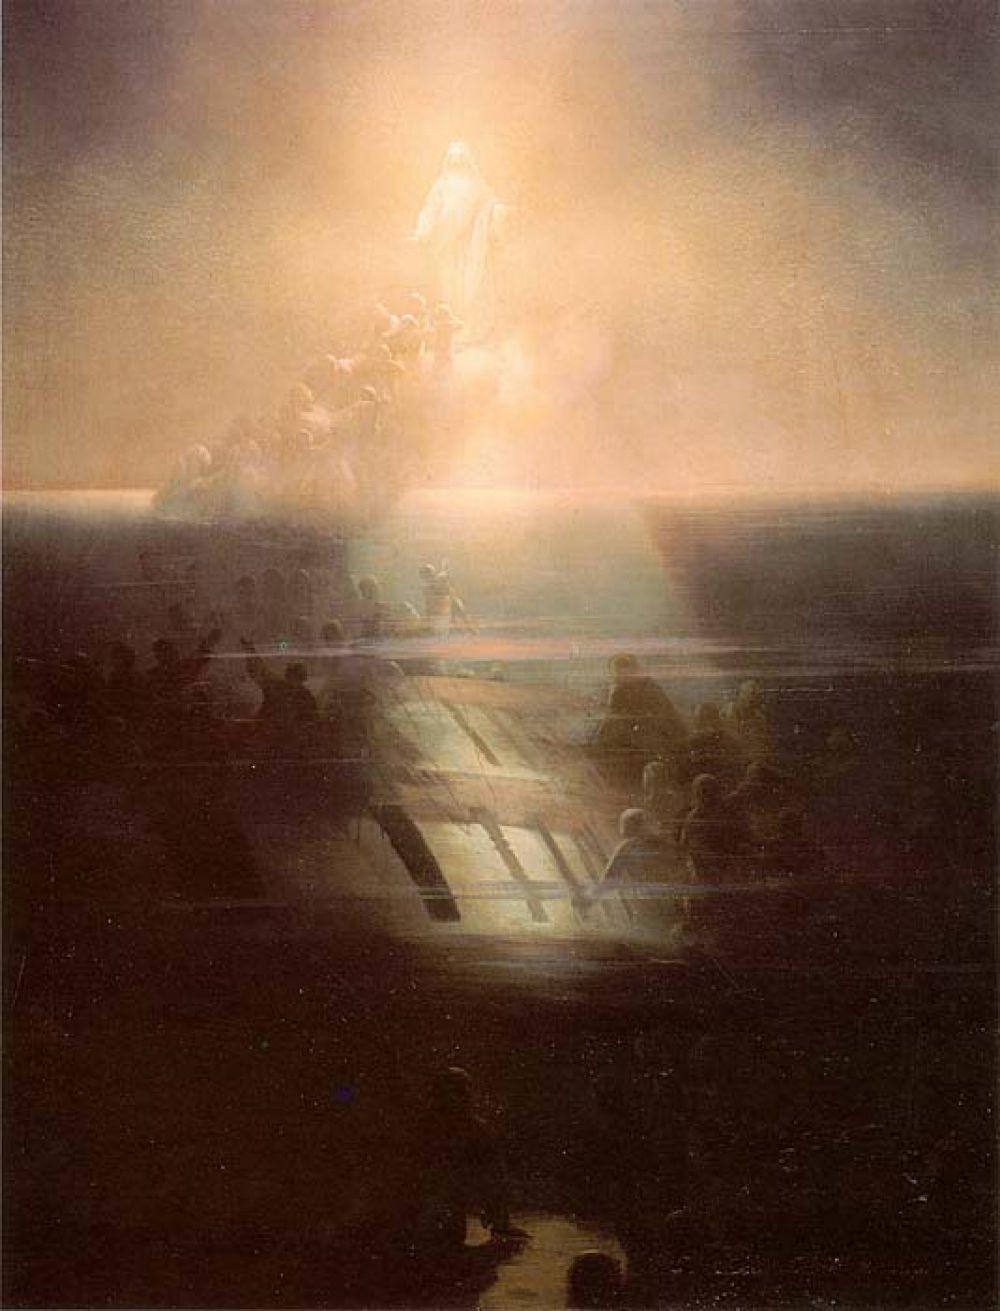 Причина гибели «Лефорта» так и осталась загадкой, так как расчеты убедительно показывают, что при имевшихся на нём парусах он не мог быть опрокинут ветром, хотя первоначально эта версия входила в число трех основных. Комиссией по расследованию причин катастрофы признаны наиболее вероятными причинами аварии ослабление связей корабля, вызваные тем, что в 1856 году корабль дважды был использован в качестве транспорта для перевозки тяжелых грузов на орудийных палубах.